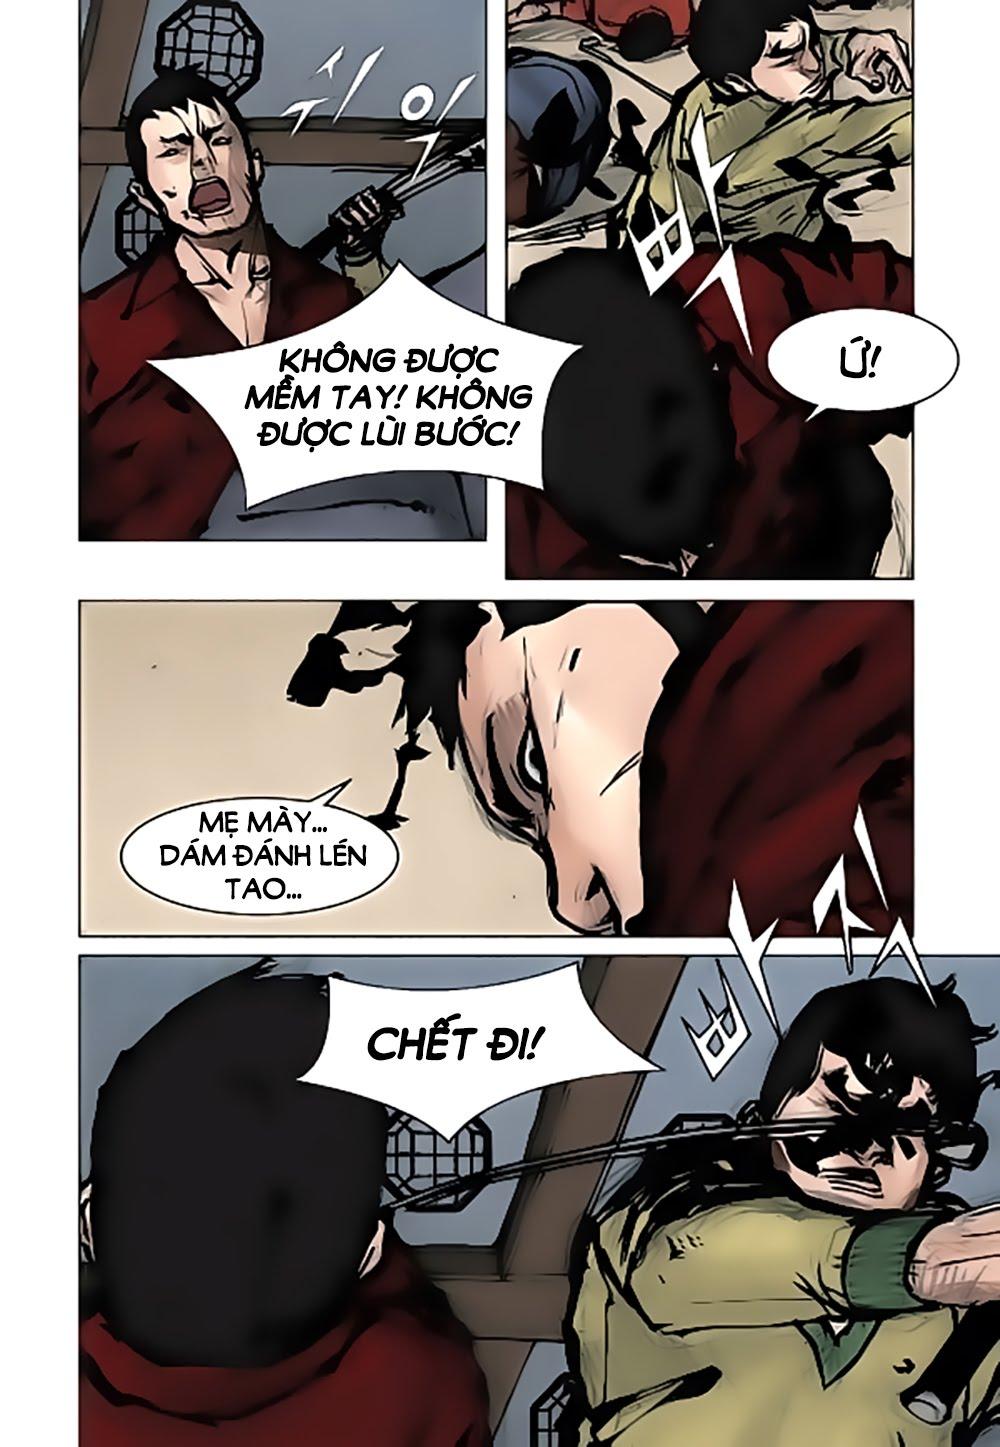 Tong | Tổng chap 30 - Trang 6